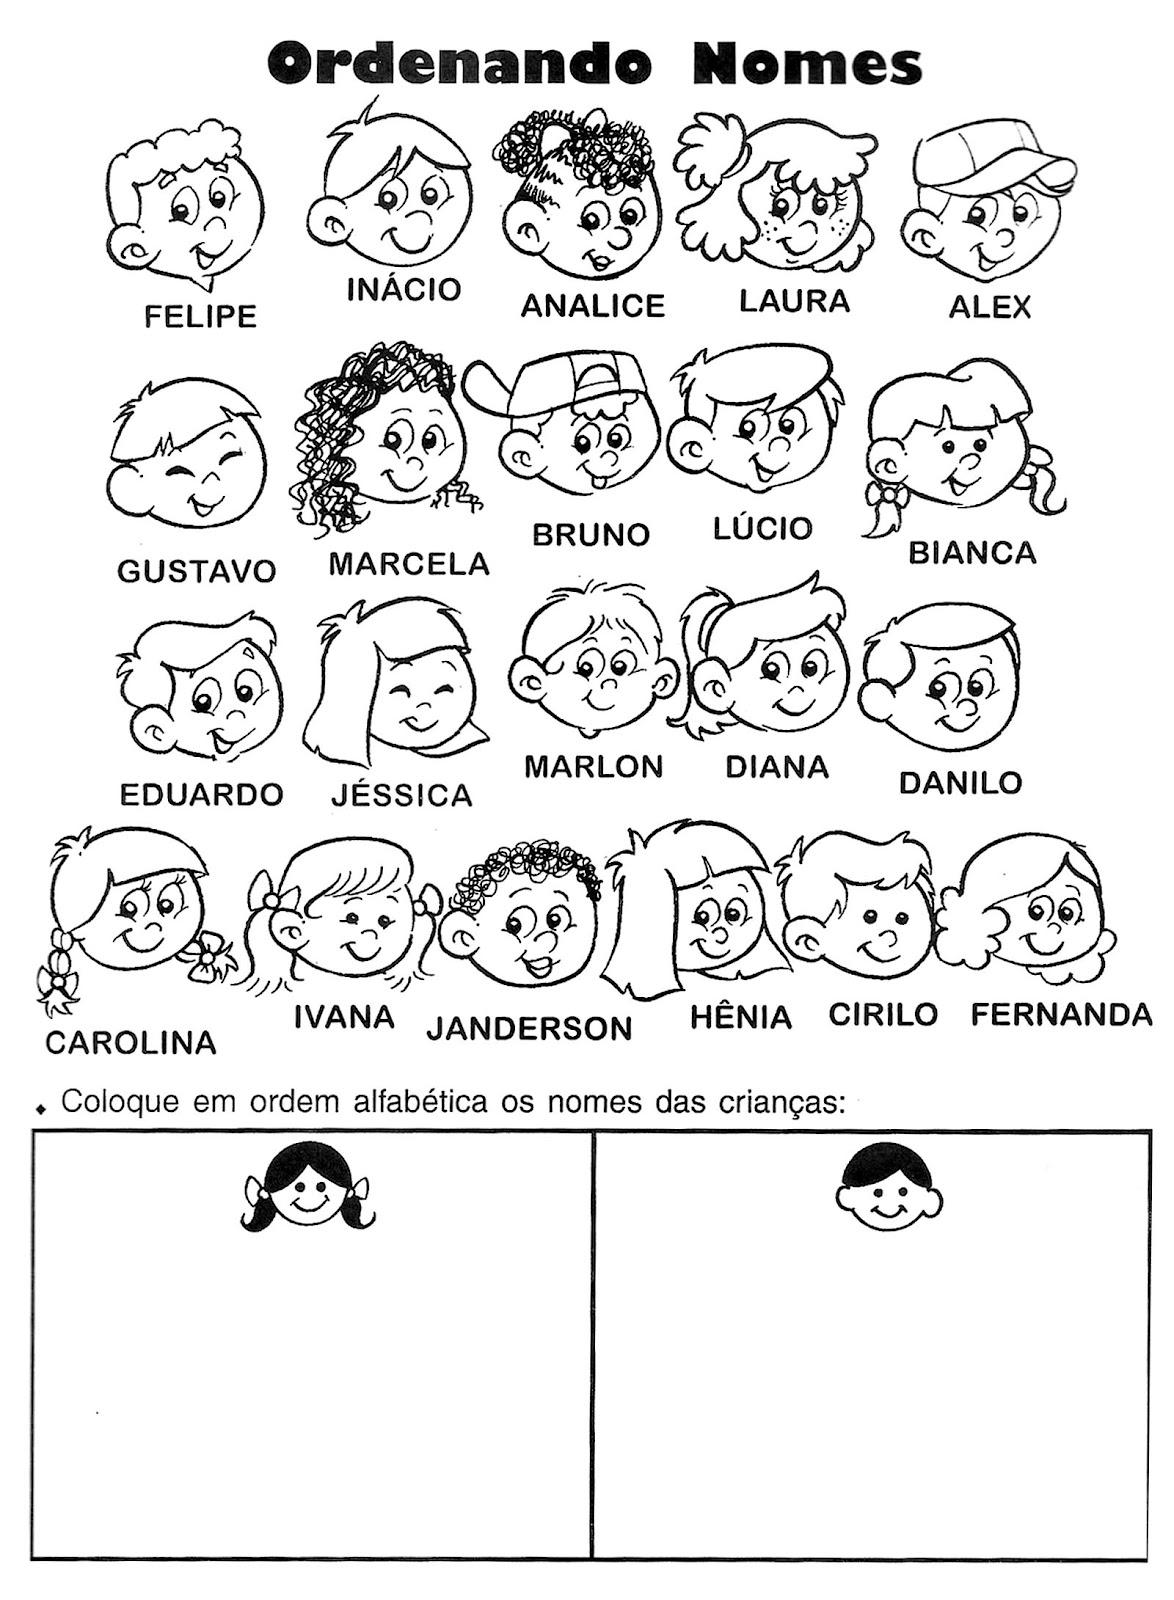 Portuguesa de ferias 2 - 3 part 7